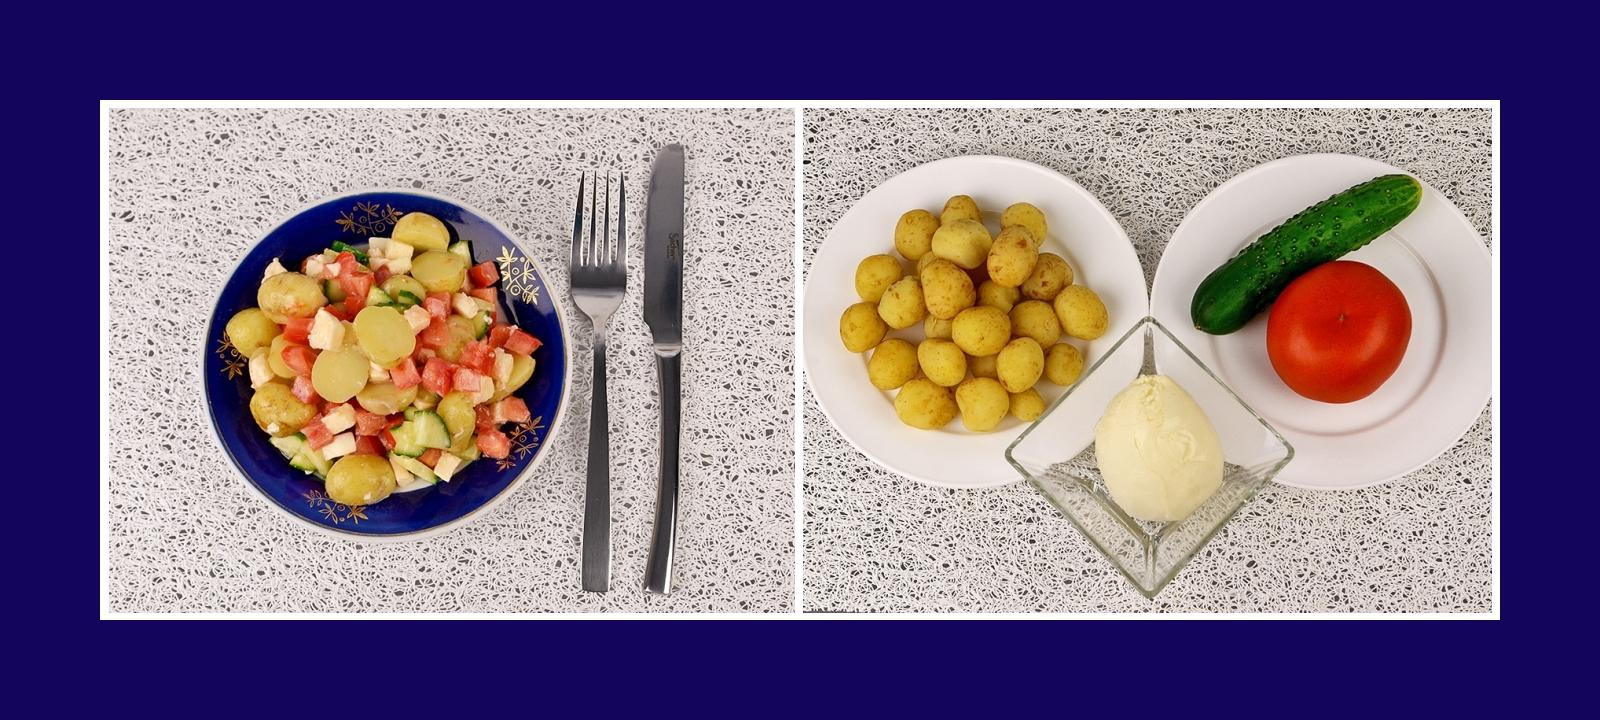 Köstlicher Kartoffelsalat mit mediterranem Hauch aus Tomaten, Mozzarella und Gurken